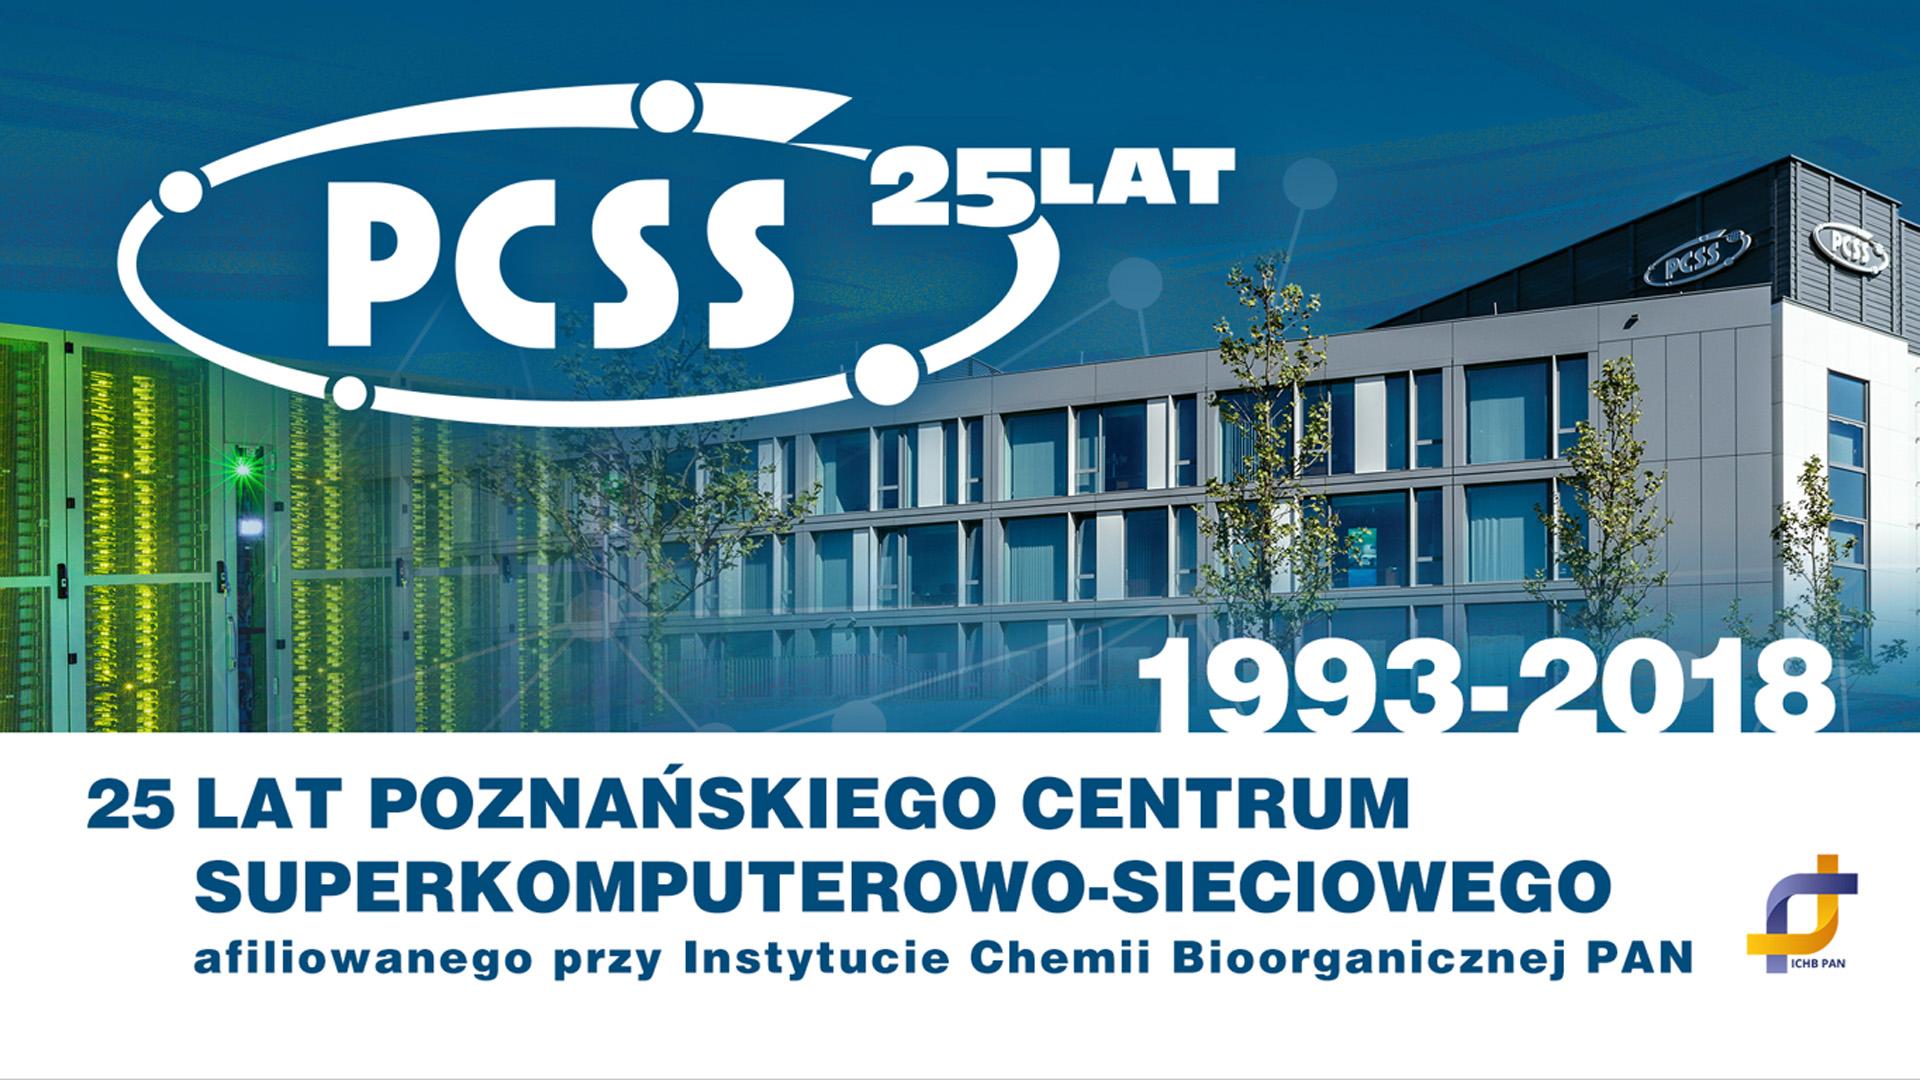 25 lat Poznańskiego Centrum Superkomputerowo-Sieciowego